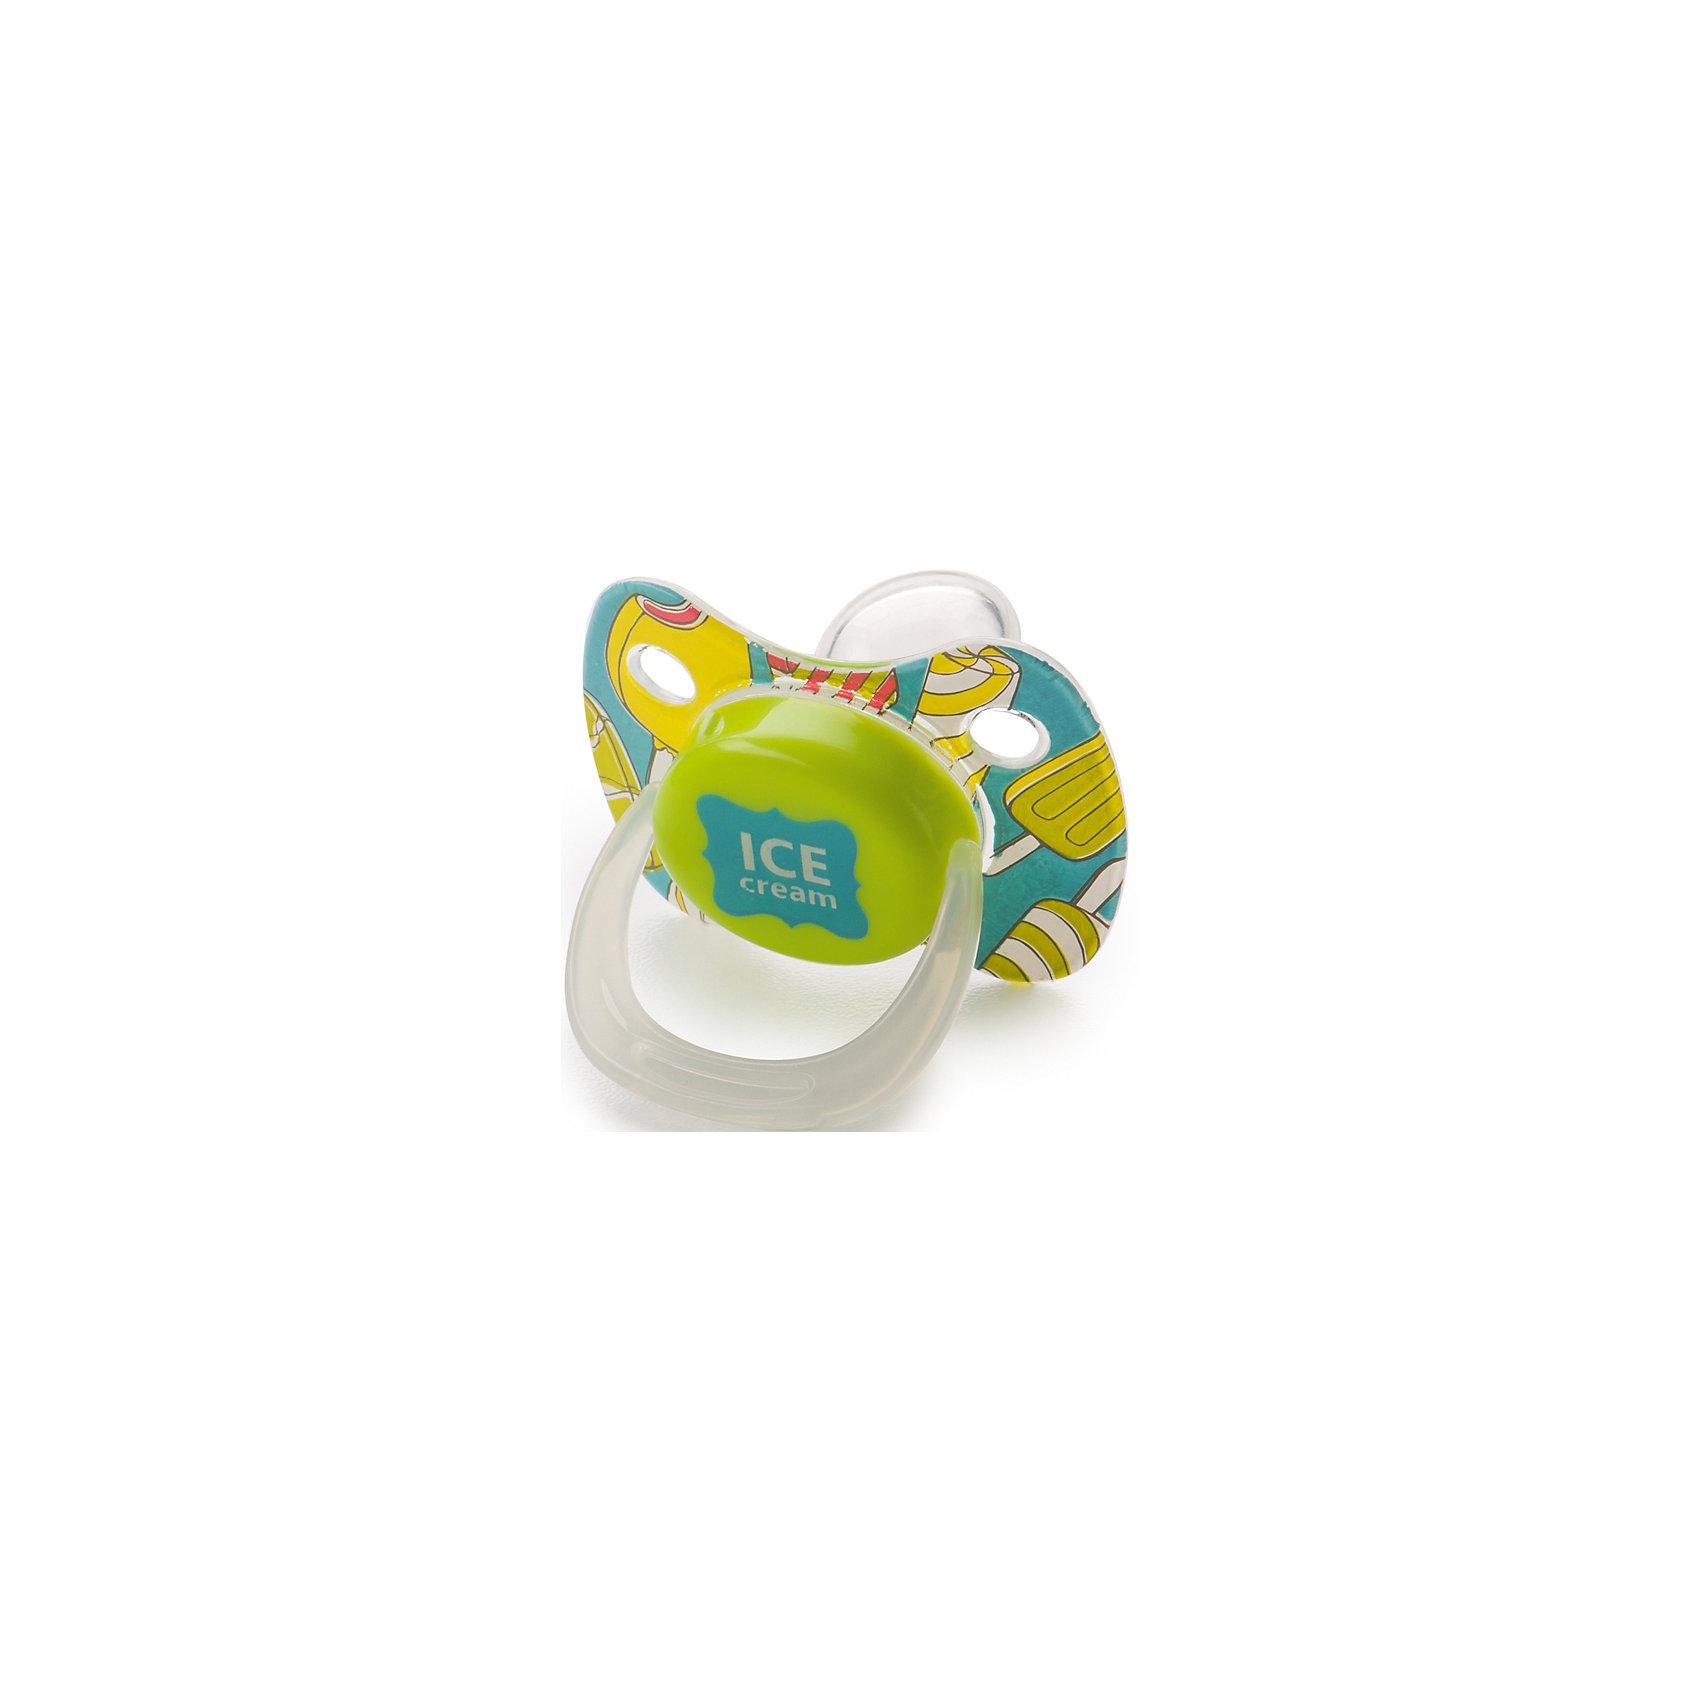 Соска-пустышка с колпачком, с 12 мес., Happy Baby, лаймПустышки из силикона<br>Пустышка от торговой марки Happy Baby - необходимое приобретение для Вашего малыша. Она предназначена для детей с 12 месяцев, Happy Baby, лайм и служит для того, чтобы удовлетворить их естественную потребность в сосании. Пустышка имеет ортодонтическую форму и изготовлена из натурального гипоаллергенного силикона. В носогубнике сделаны отверстия для вентиляции воздуха, что позволит избежать раздражений и покраснений. Изделие выполнено в стильном и ярком дизайне, что обязательно понравится крохе.<br><br>Дополнительная информация:<br><br>- силиконовая пустышка симметричной формы<br>- вентиляционные отверстия в носогубнике<br>- симметричная форма носогубника<br>- яркий и стильный дизайн<br>- колпачок в комплекте<br>- возраст: от 12 месяцев.<br>- материал: тритан, полипропилен, силикон.<br>- размер упаковки: 5х6,3х13,5 см.<br>- вес: 45 г.<br><br>Соску-пустышку с колпачком, с 12 мес., Happy Baby, лайм можно купить в нашем интернет-магазине.<br><br>Ширина мм: 50<br>Глубина мм: 65<br>Высота мм: 135<br>Вес г: 45<br>Возраст от месяцев: 12<br>Возраст до месяцев: 24<br>Пол: Унисекс<br>Возраст: Детский<br>SKU: 4696815